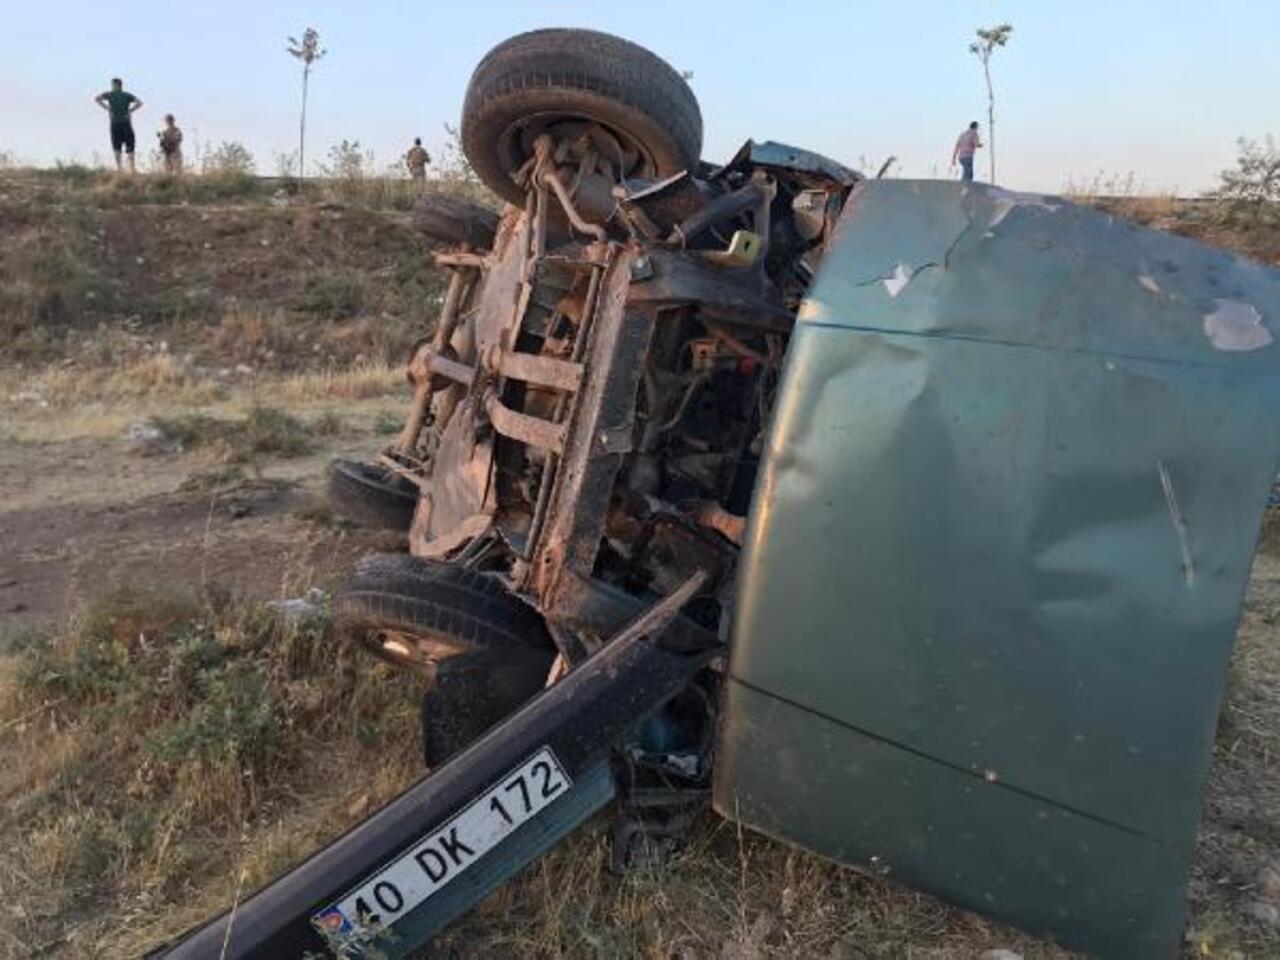 Mardin'de otomobil şarampole yuvarlandı: 4 yaralı!